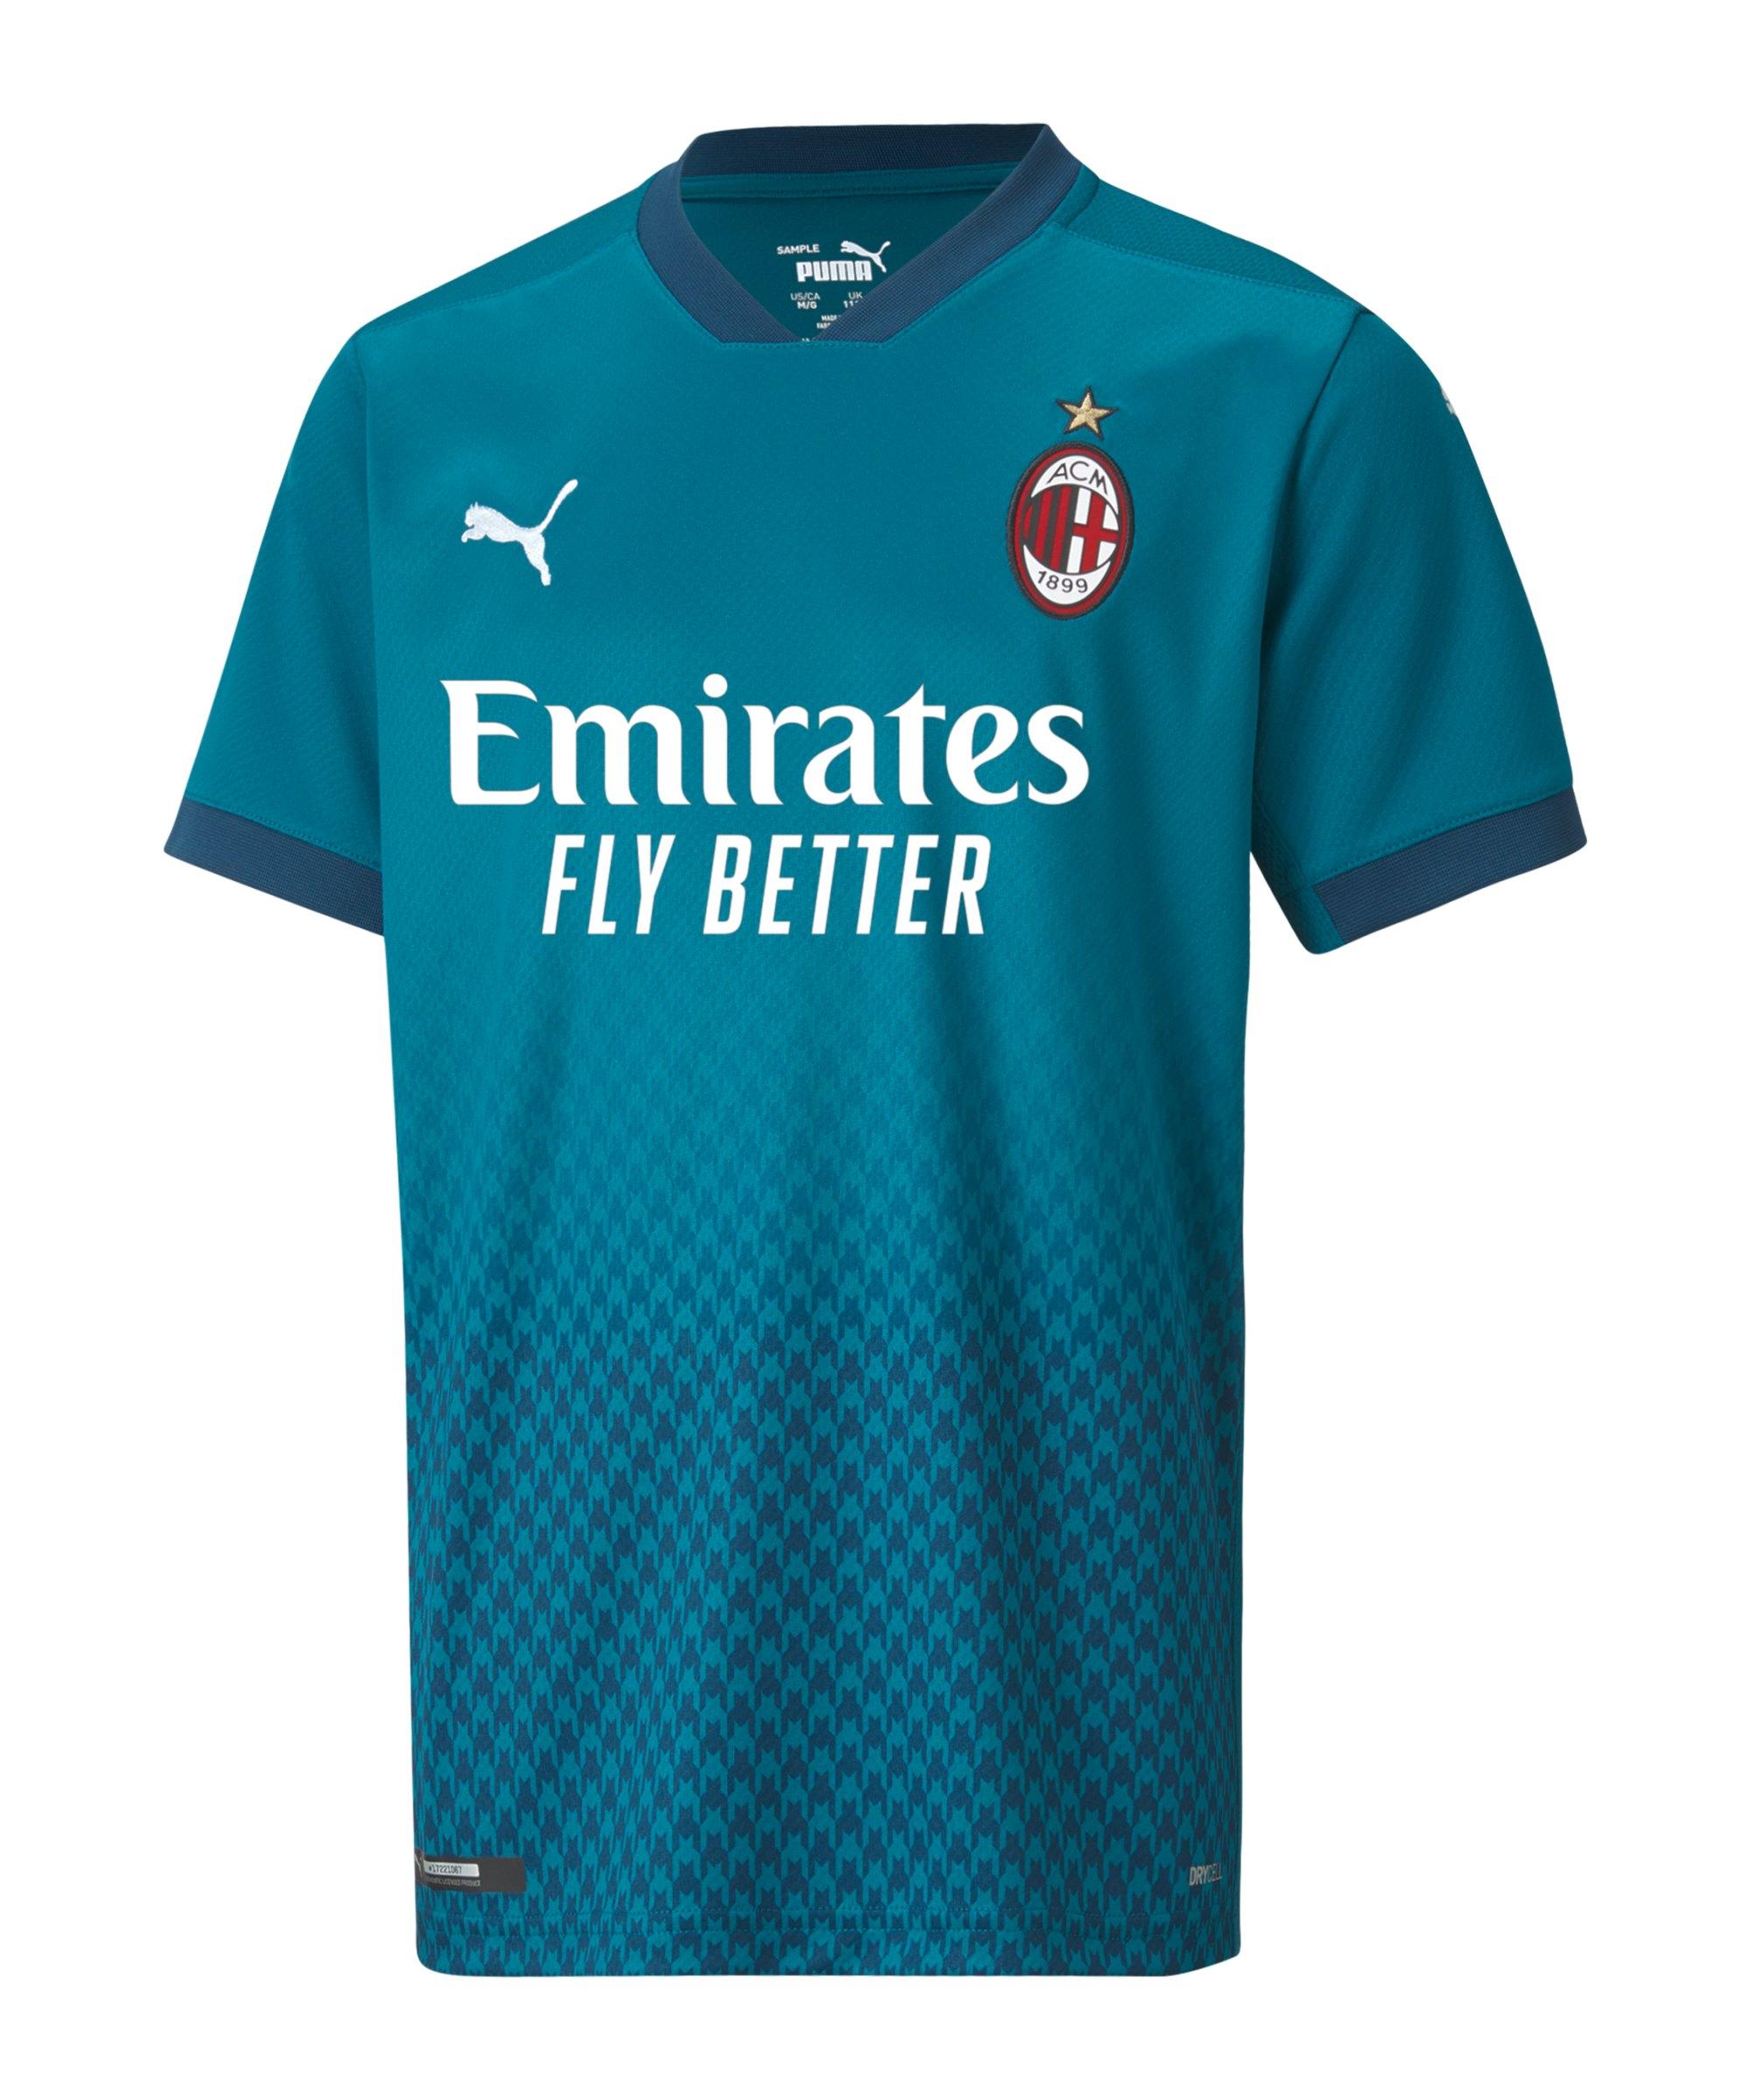 PUMA AC Mailand Trikot UCL 2020/2021 Kids Blau F03 - blau